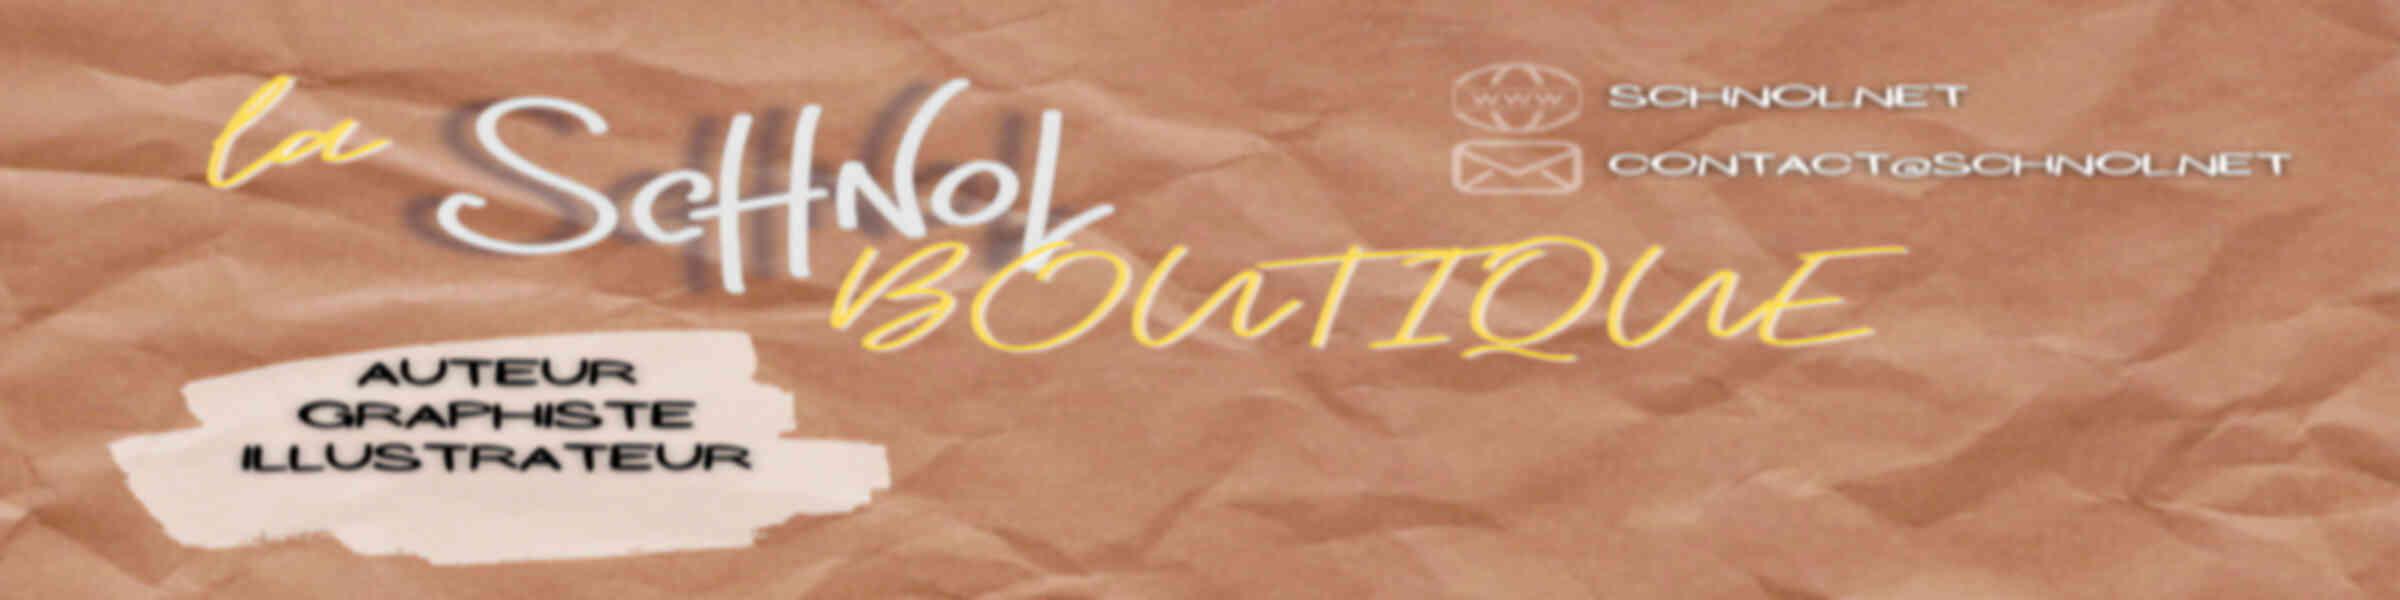 Bannière de la boutique de l'artiste